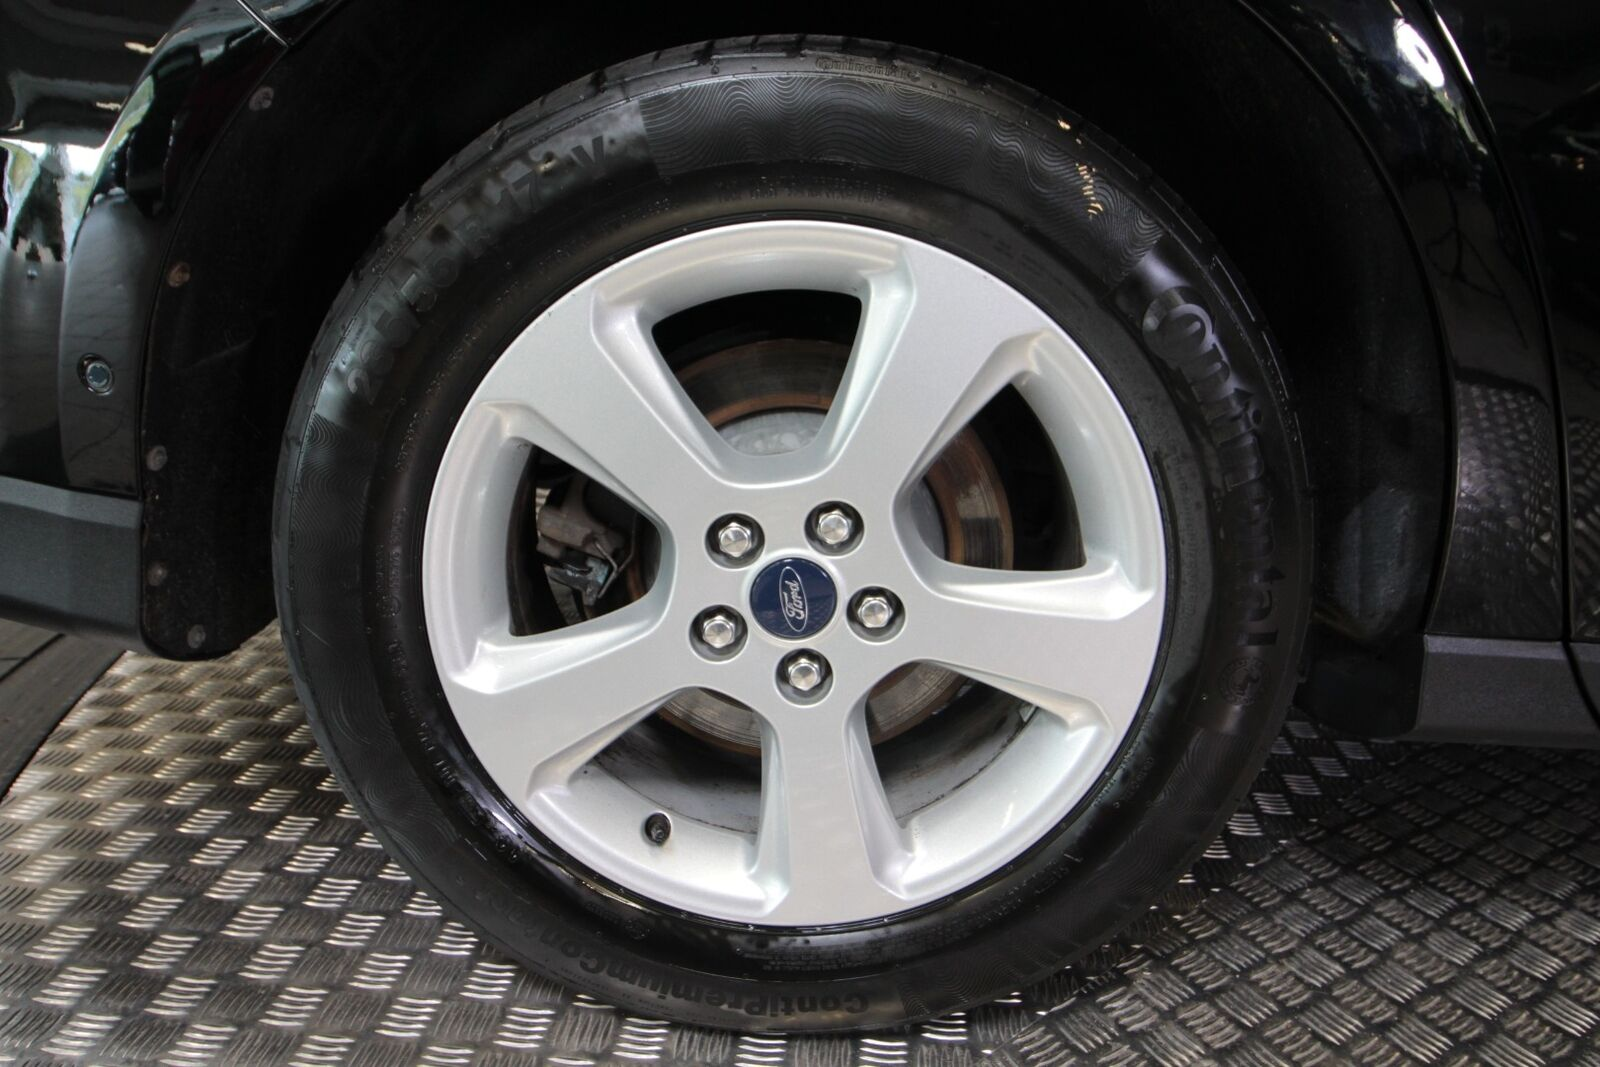 Ford S-MAX TDCi 150 Titanium